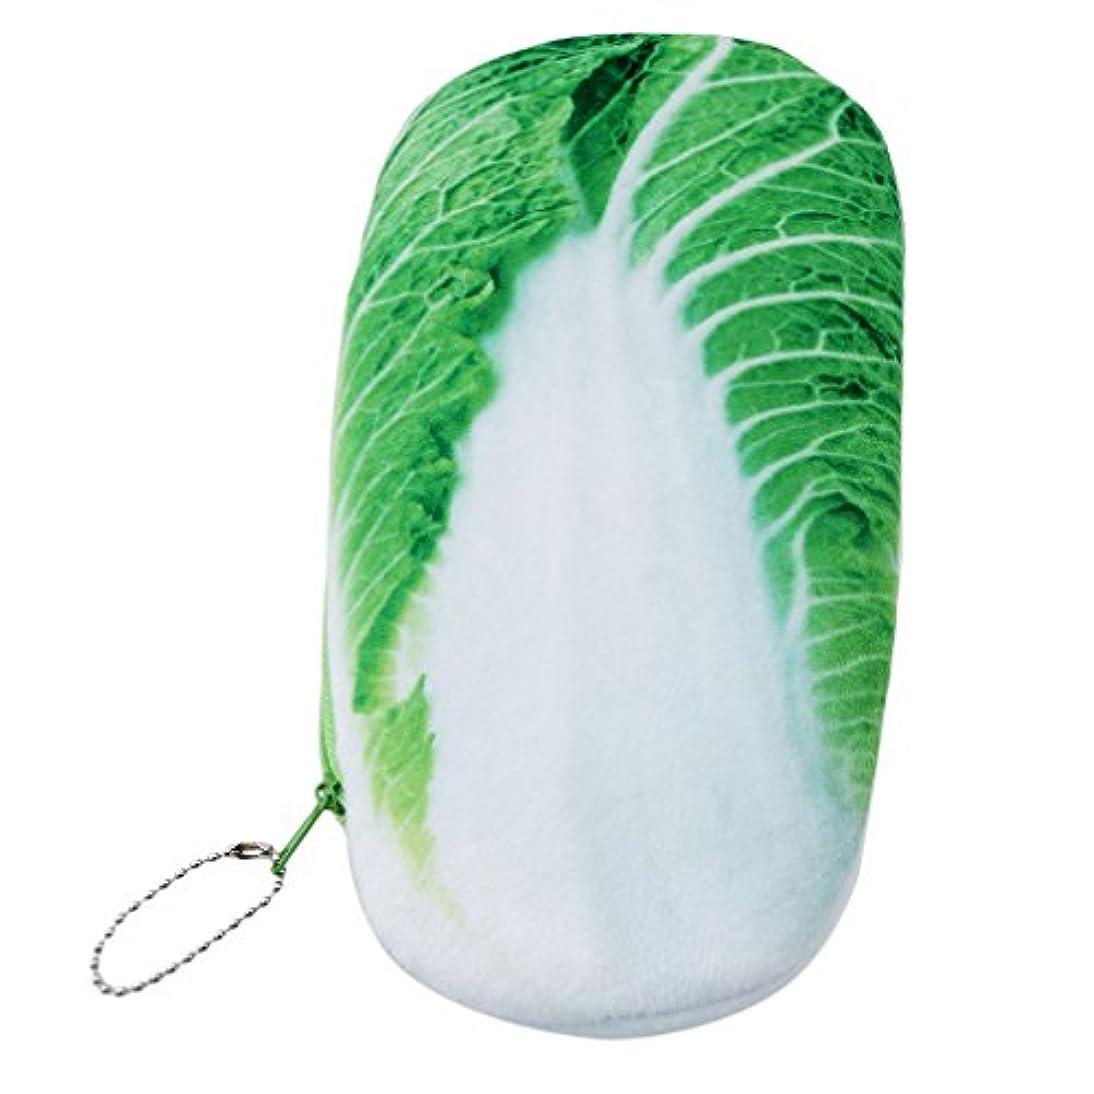 ええ手伝う不注意KLUMA 財布 化粧ポーチ 軽量 おしゃれ シンプル かわいい 文芸 多機能 小物収納 野菜形 独特デザイン 人気でかわいい